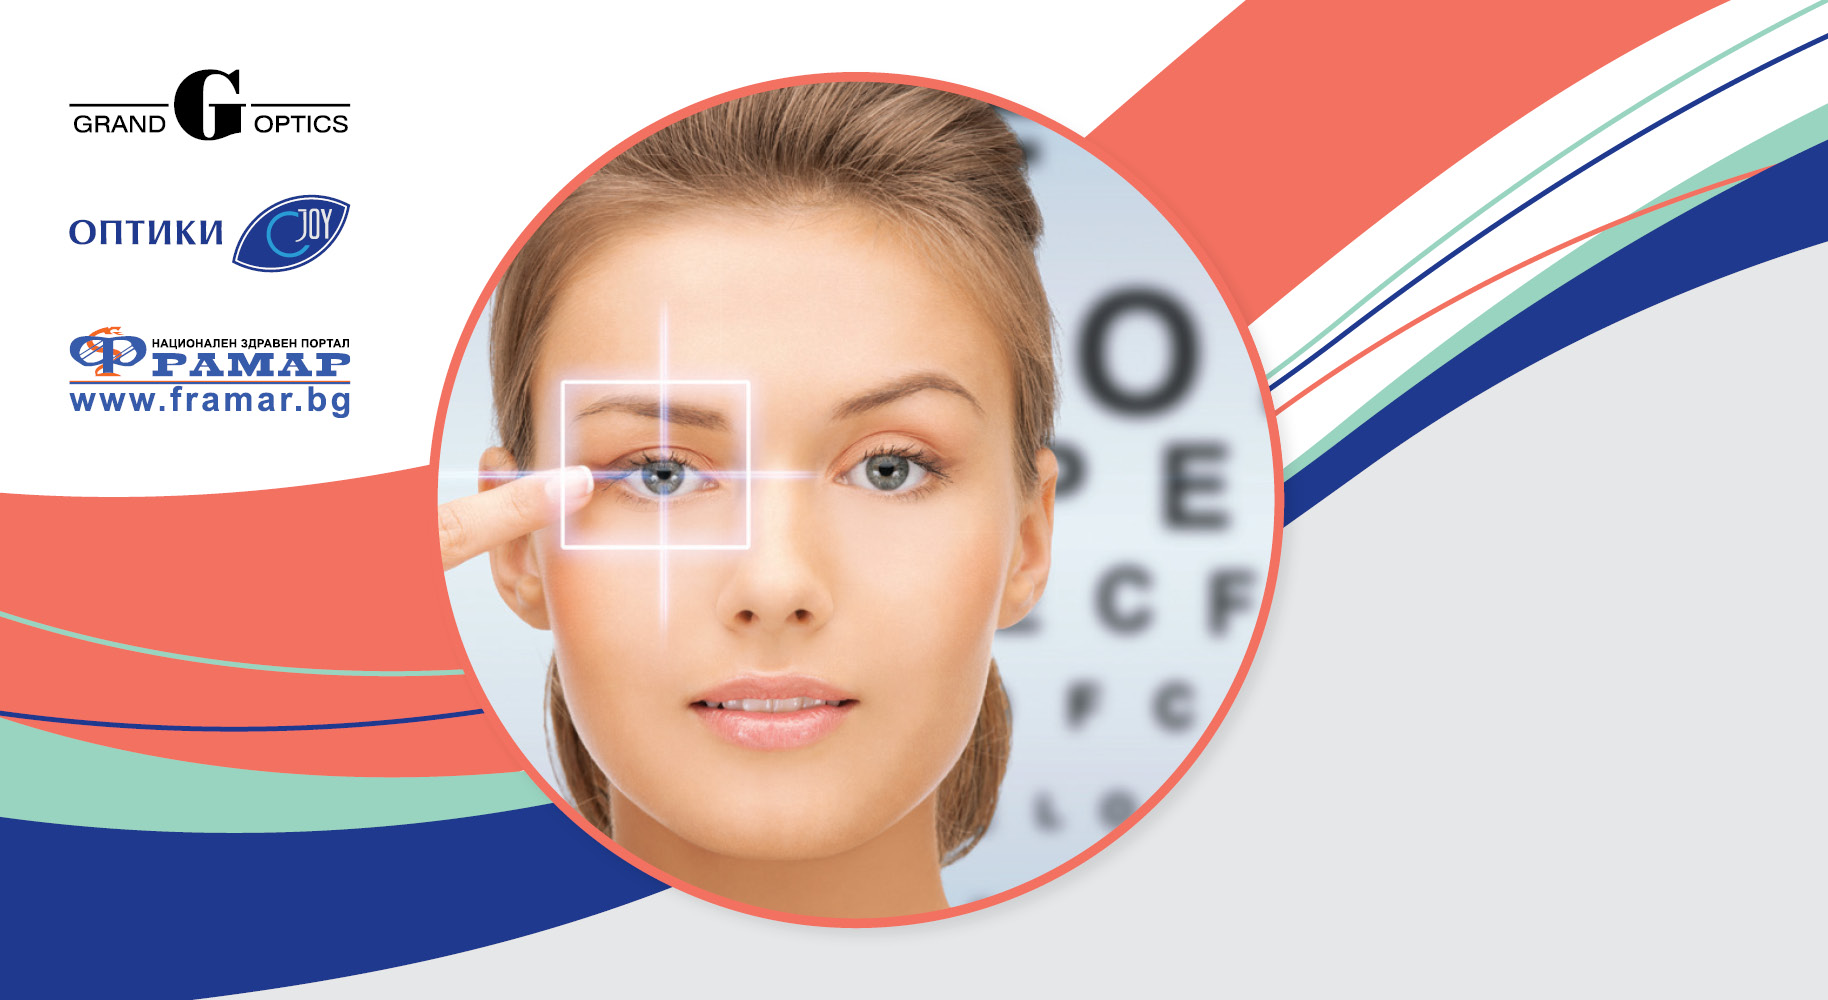 Съвместна инициатива на оптики Grand Optics, Joy Optics и Framar.bg